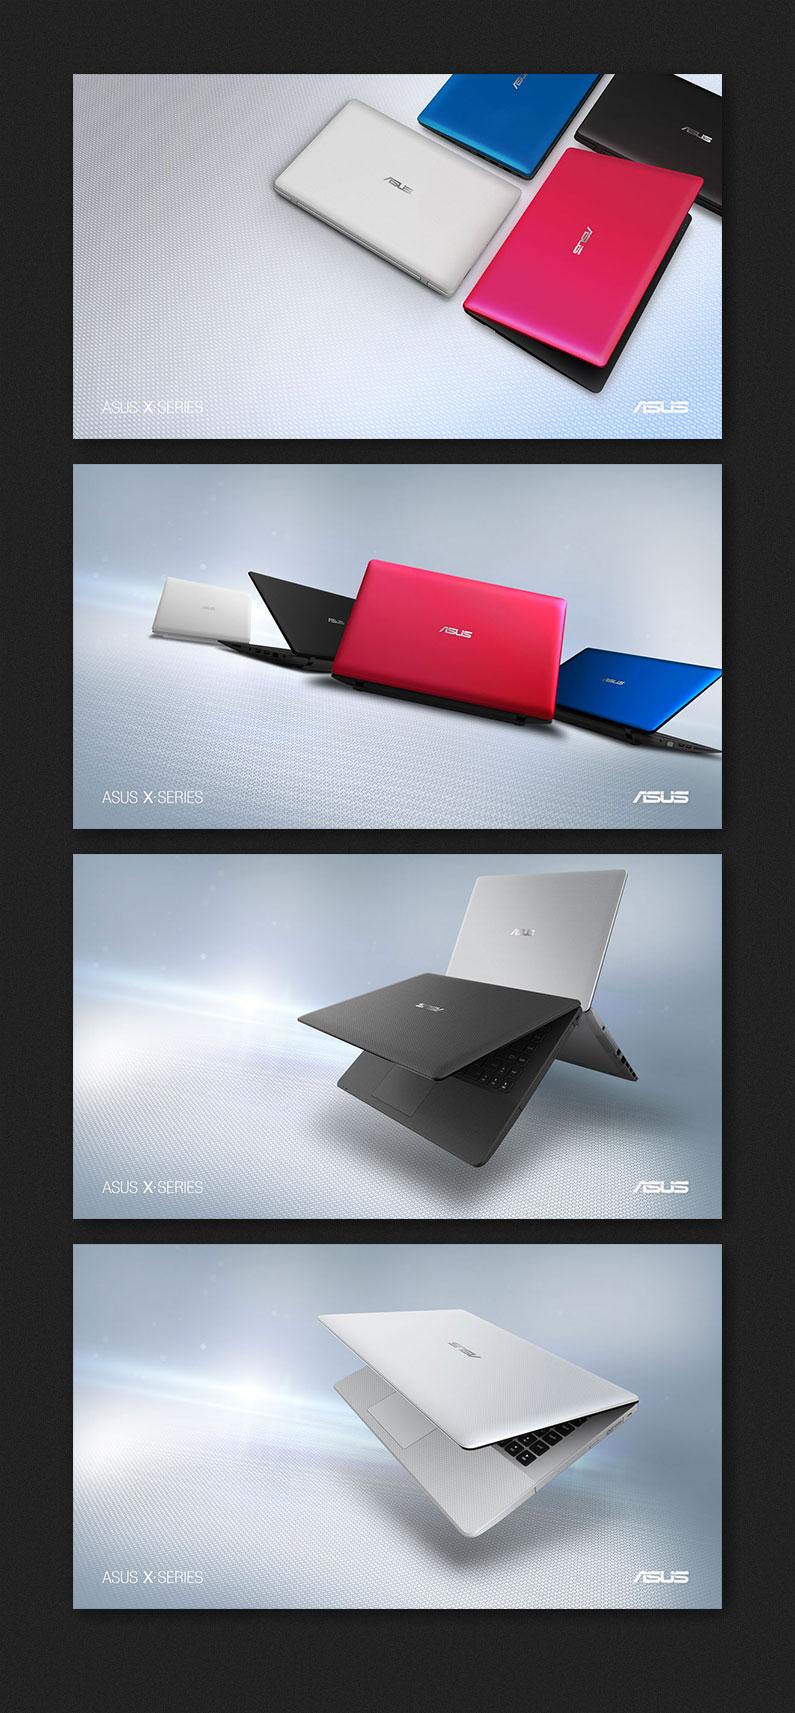 ASUS X Series Laptop